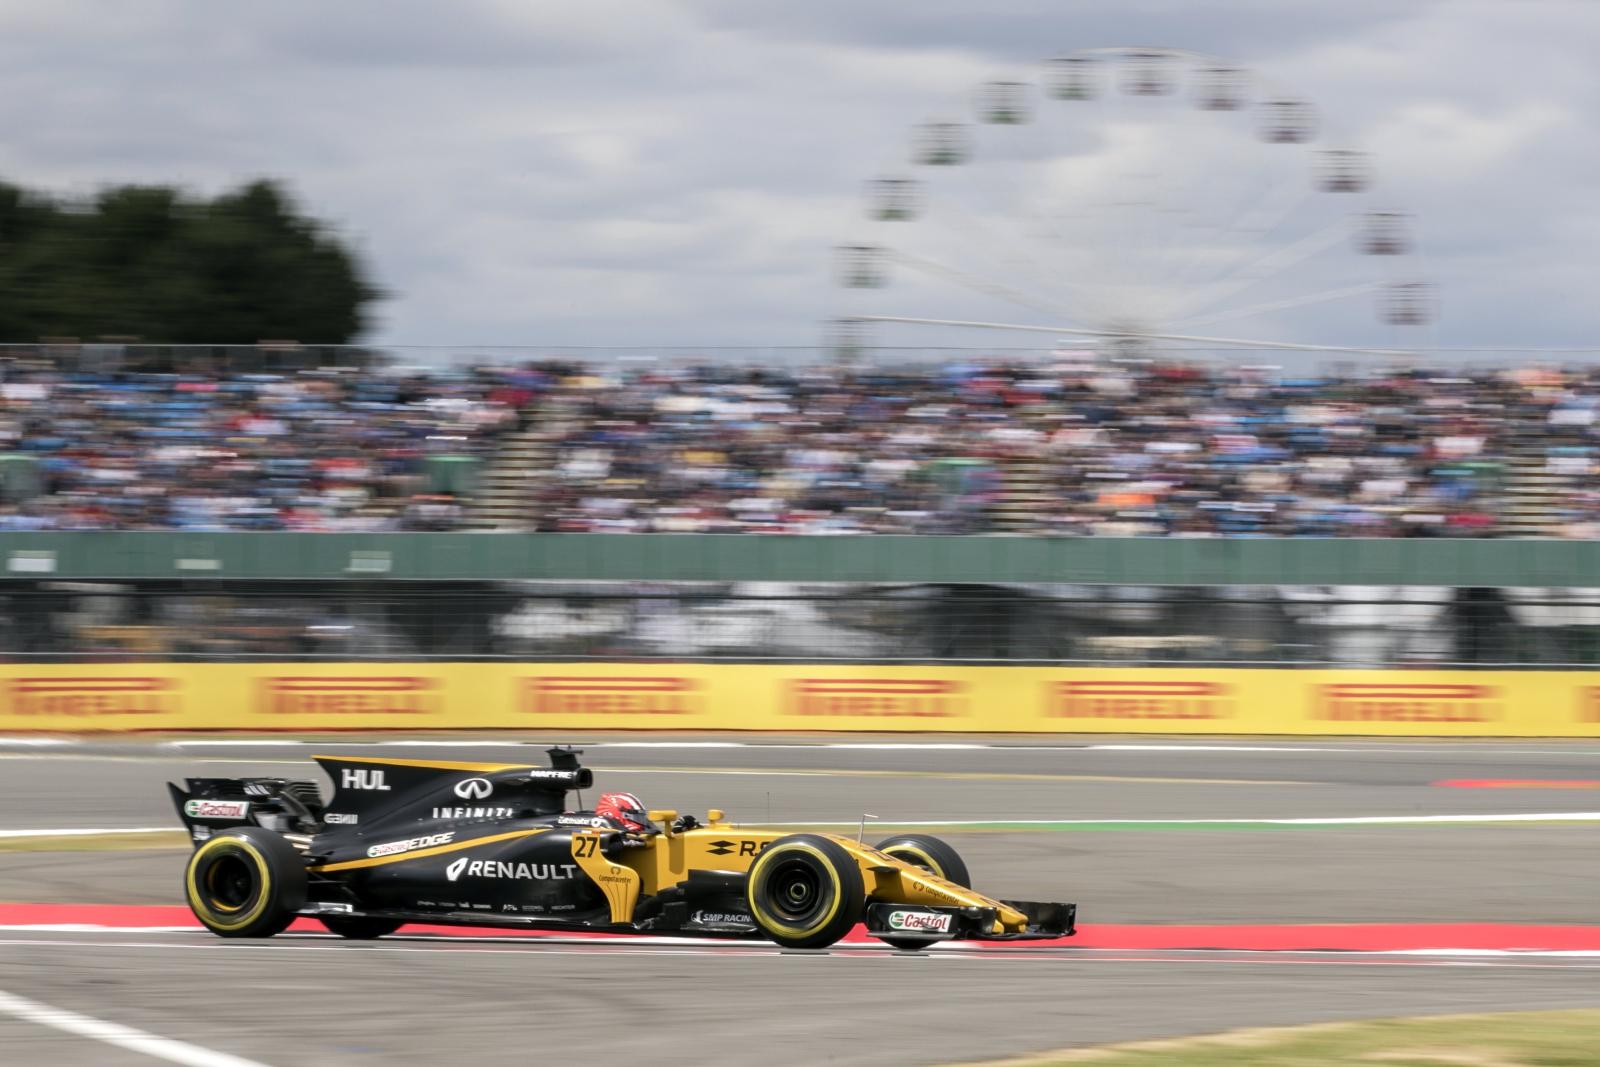 Formuła 1. Grand Prix Wielkiej Brytanii. fot. EPA/VALDRIN XHEMAJ